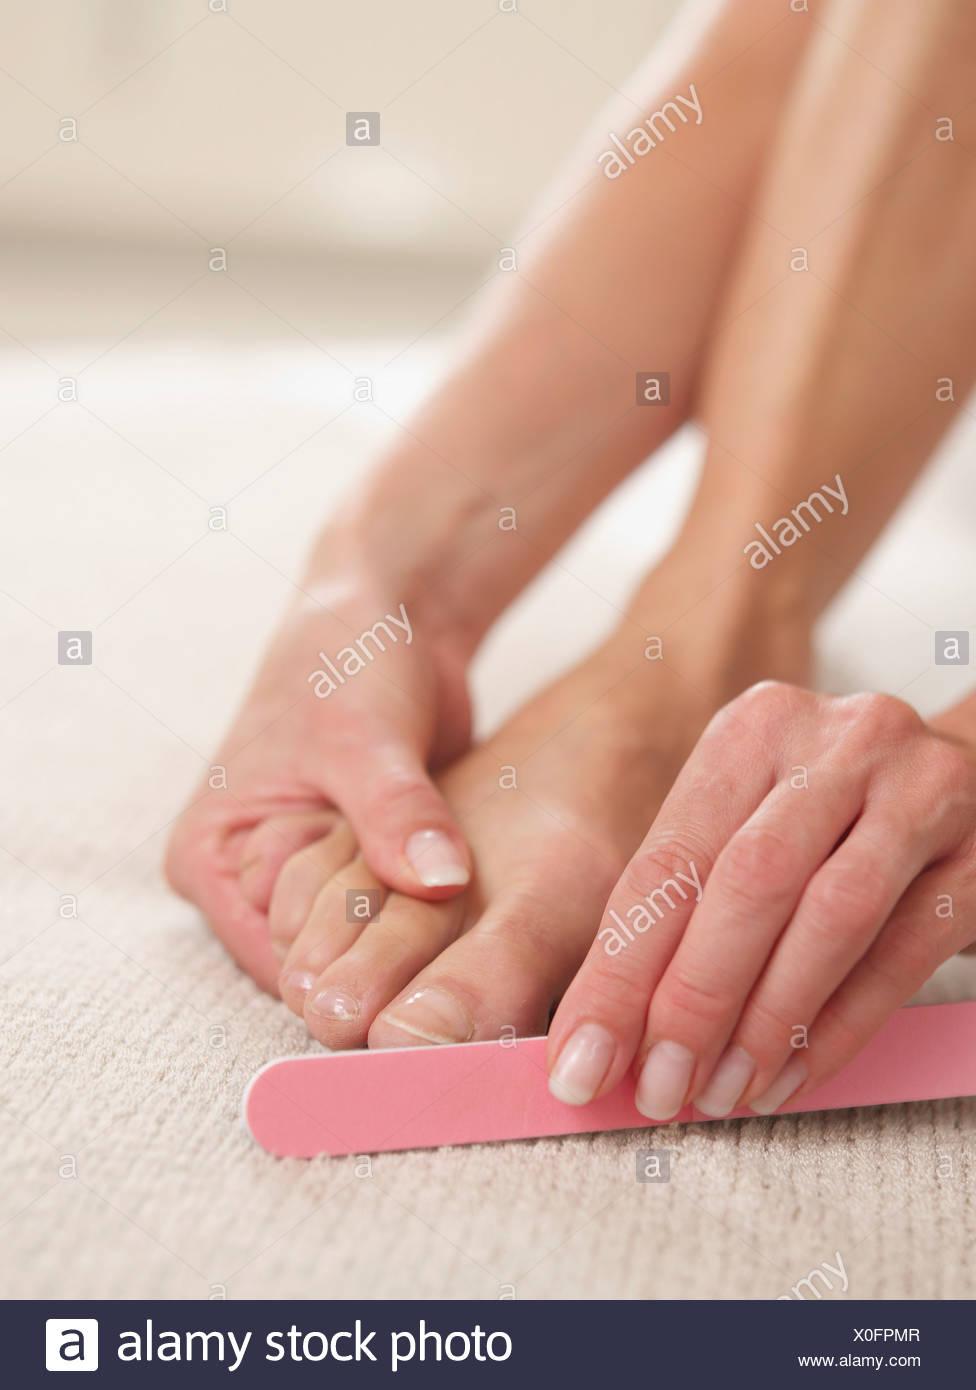 Foot Nail File Stock Photos & Foot Nail File Stock Images